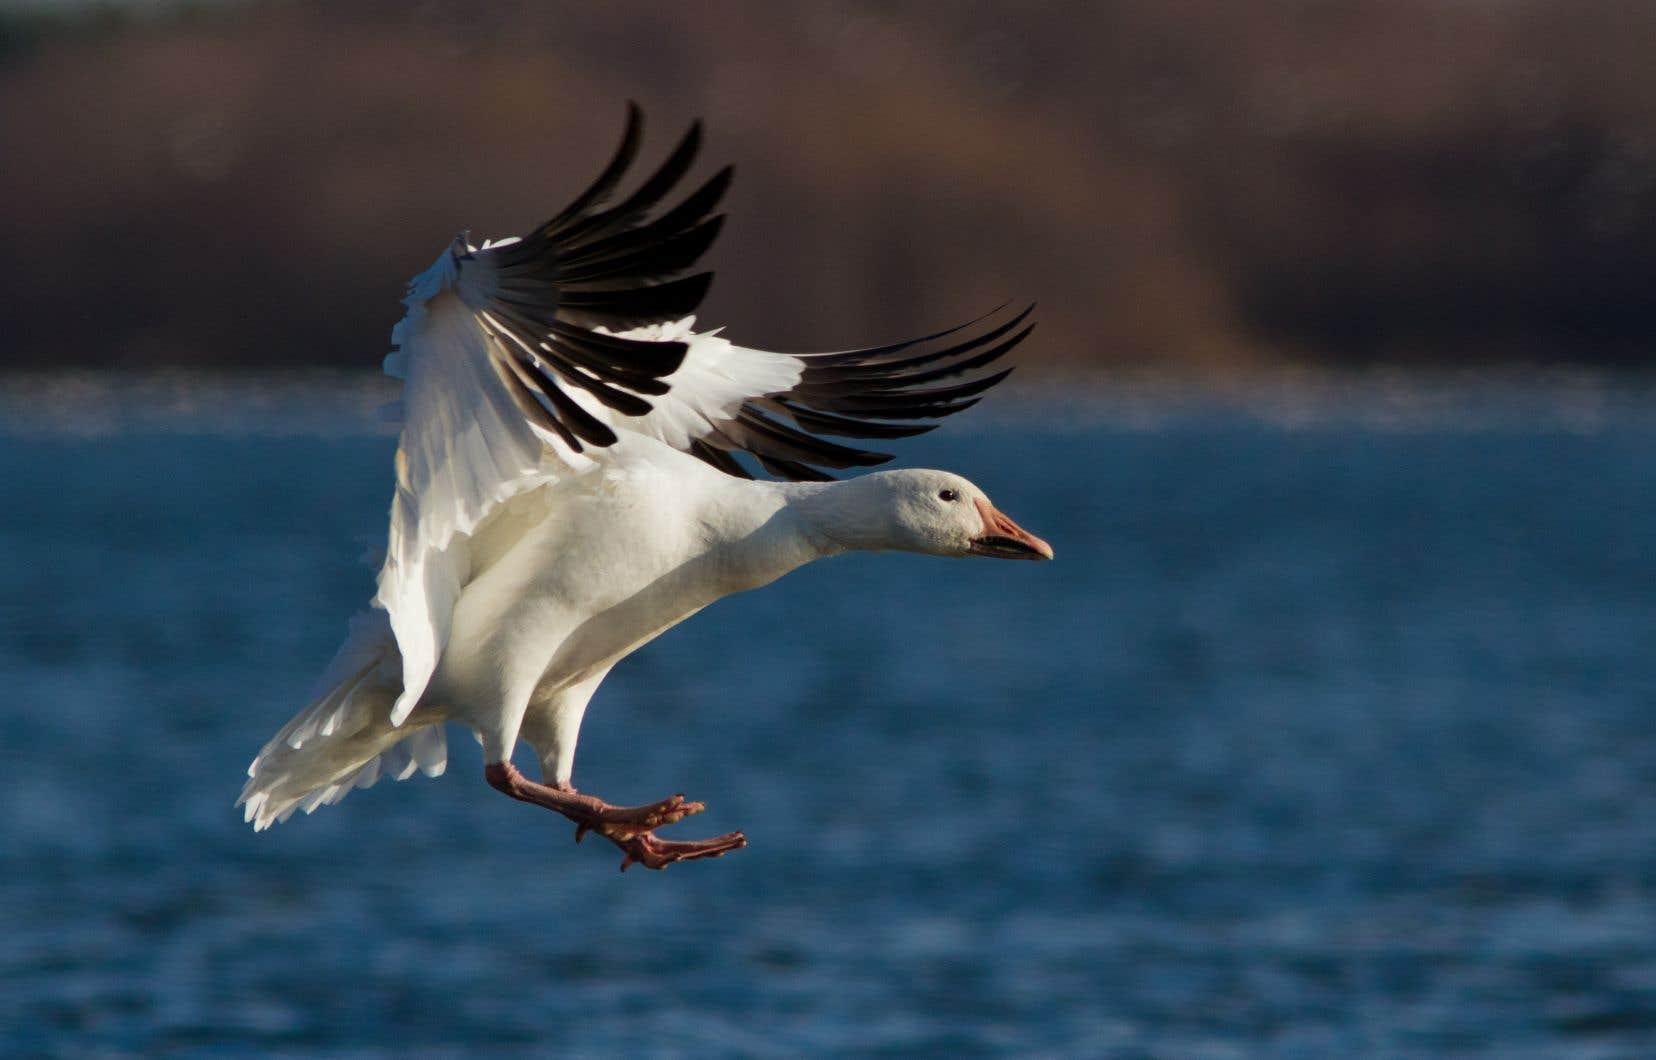 De l'île d'Orléans à l'île Bylot, de Montmagny au lac Saint-Pierre, dans une langue sensible mais un peu empesée, Gérald Baril nous communiquesa fascination pour ces oiseaux migrateurs.